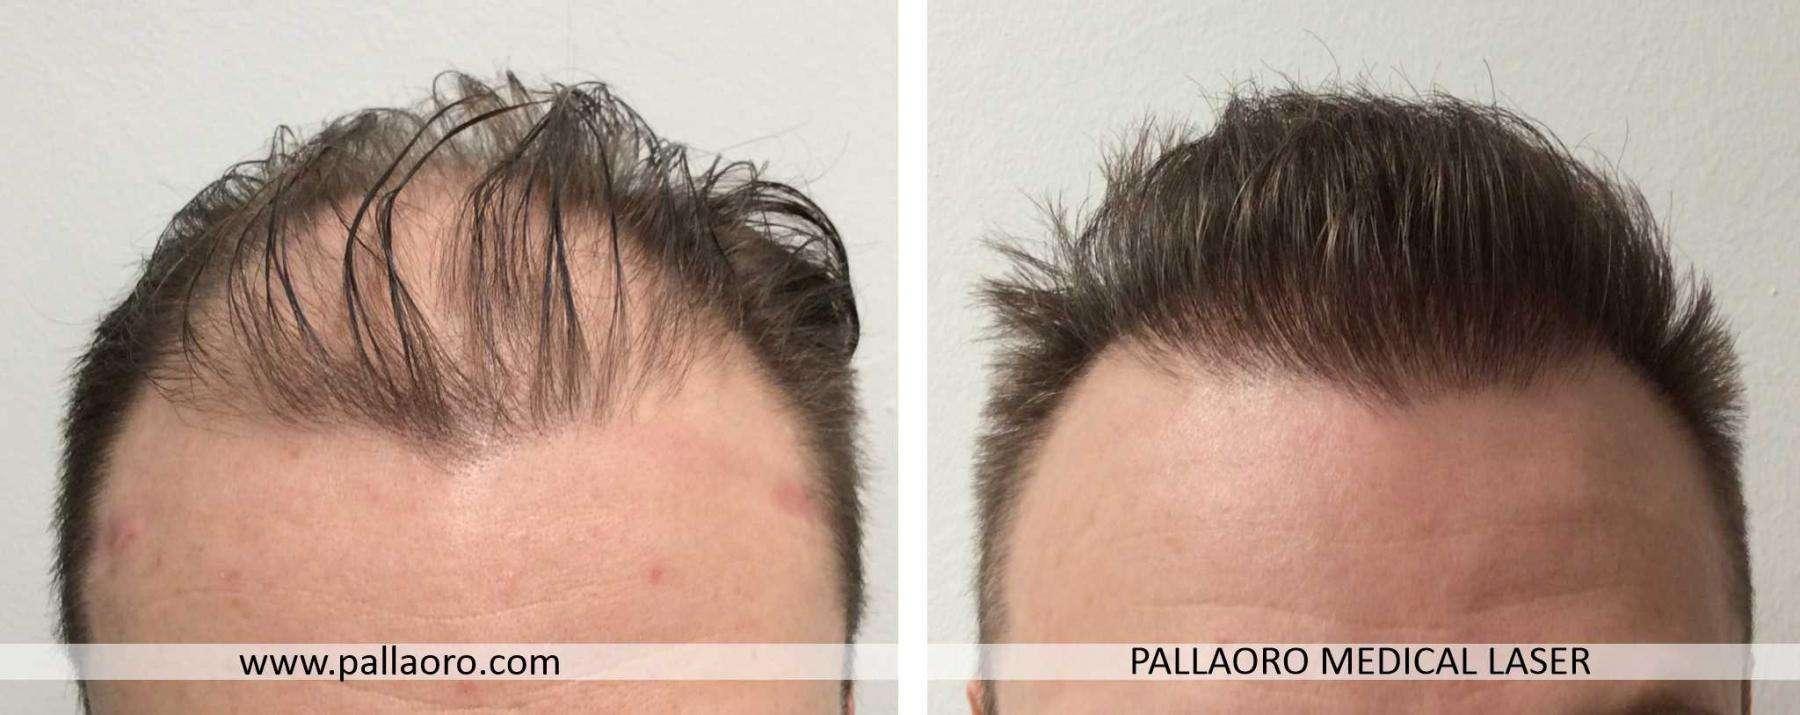 trapianto capelli 2021 06 a